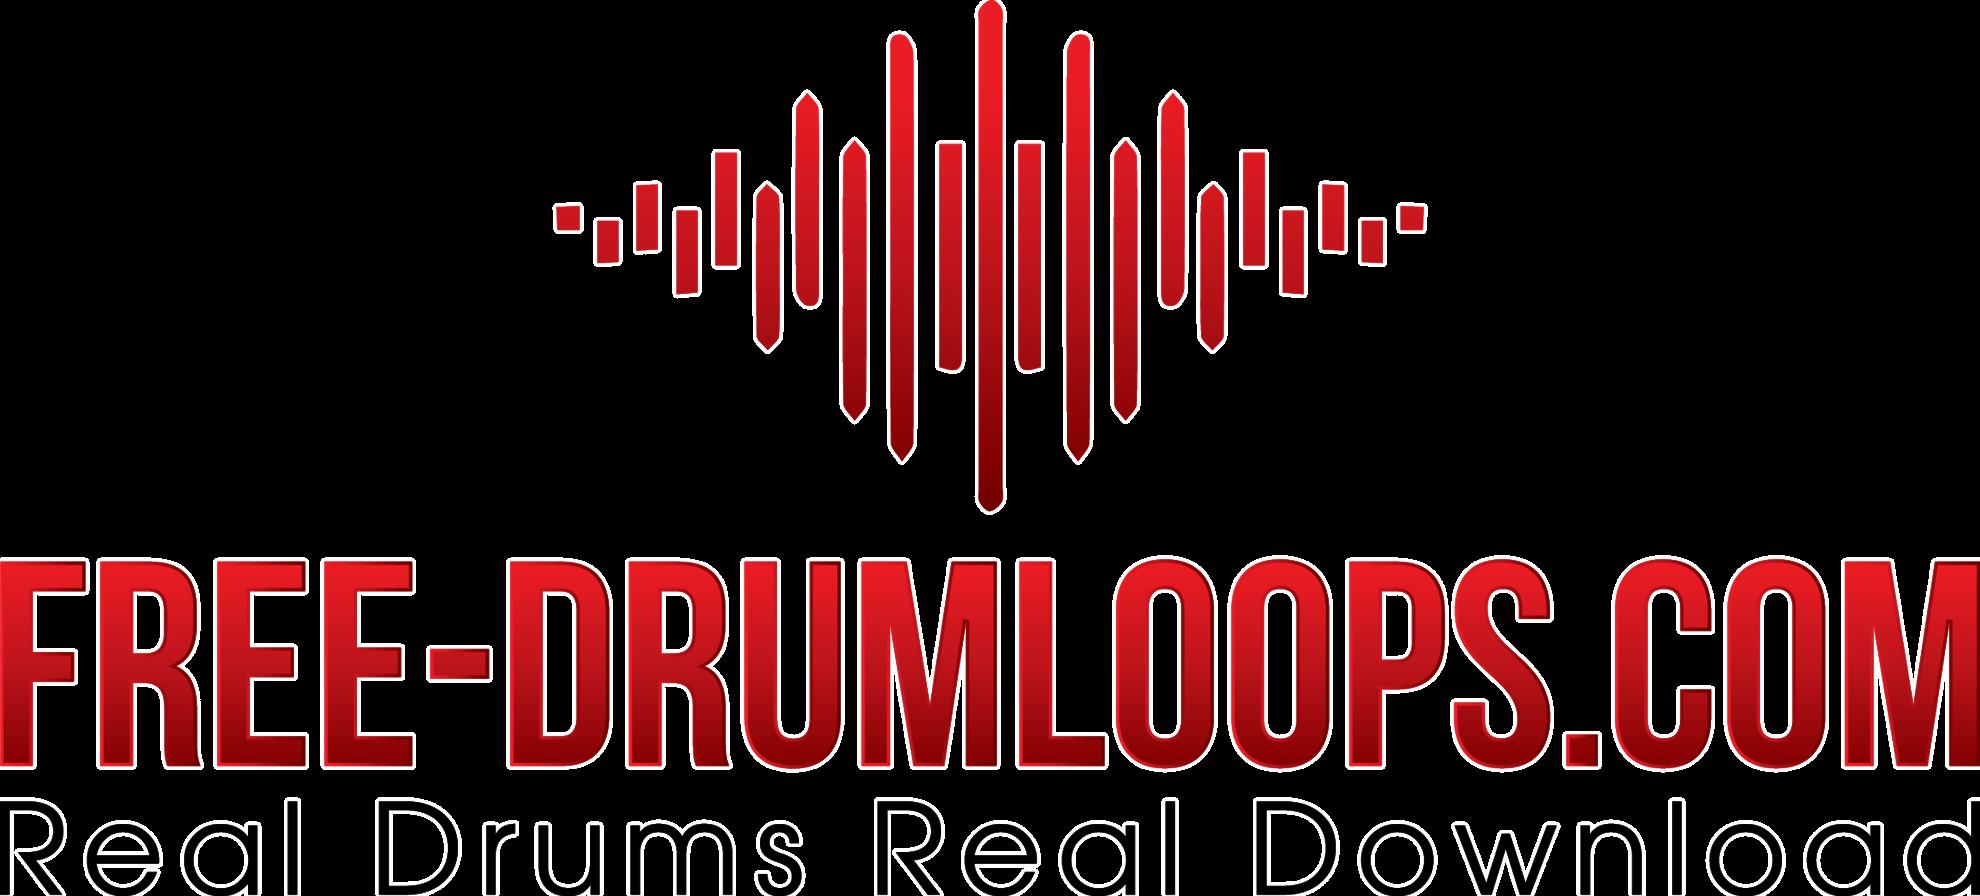 www.free-drumloops.com